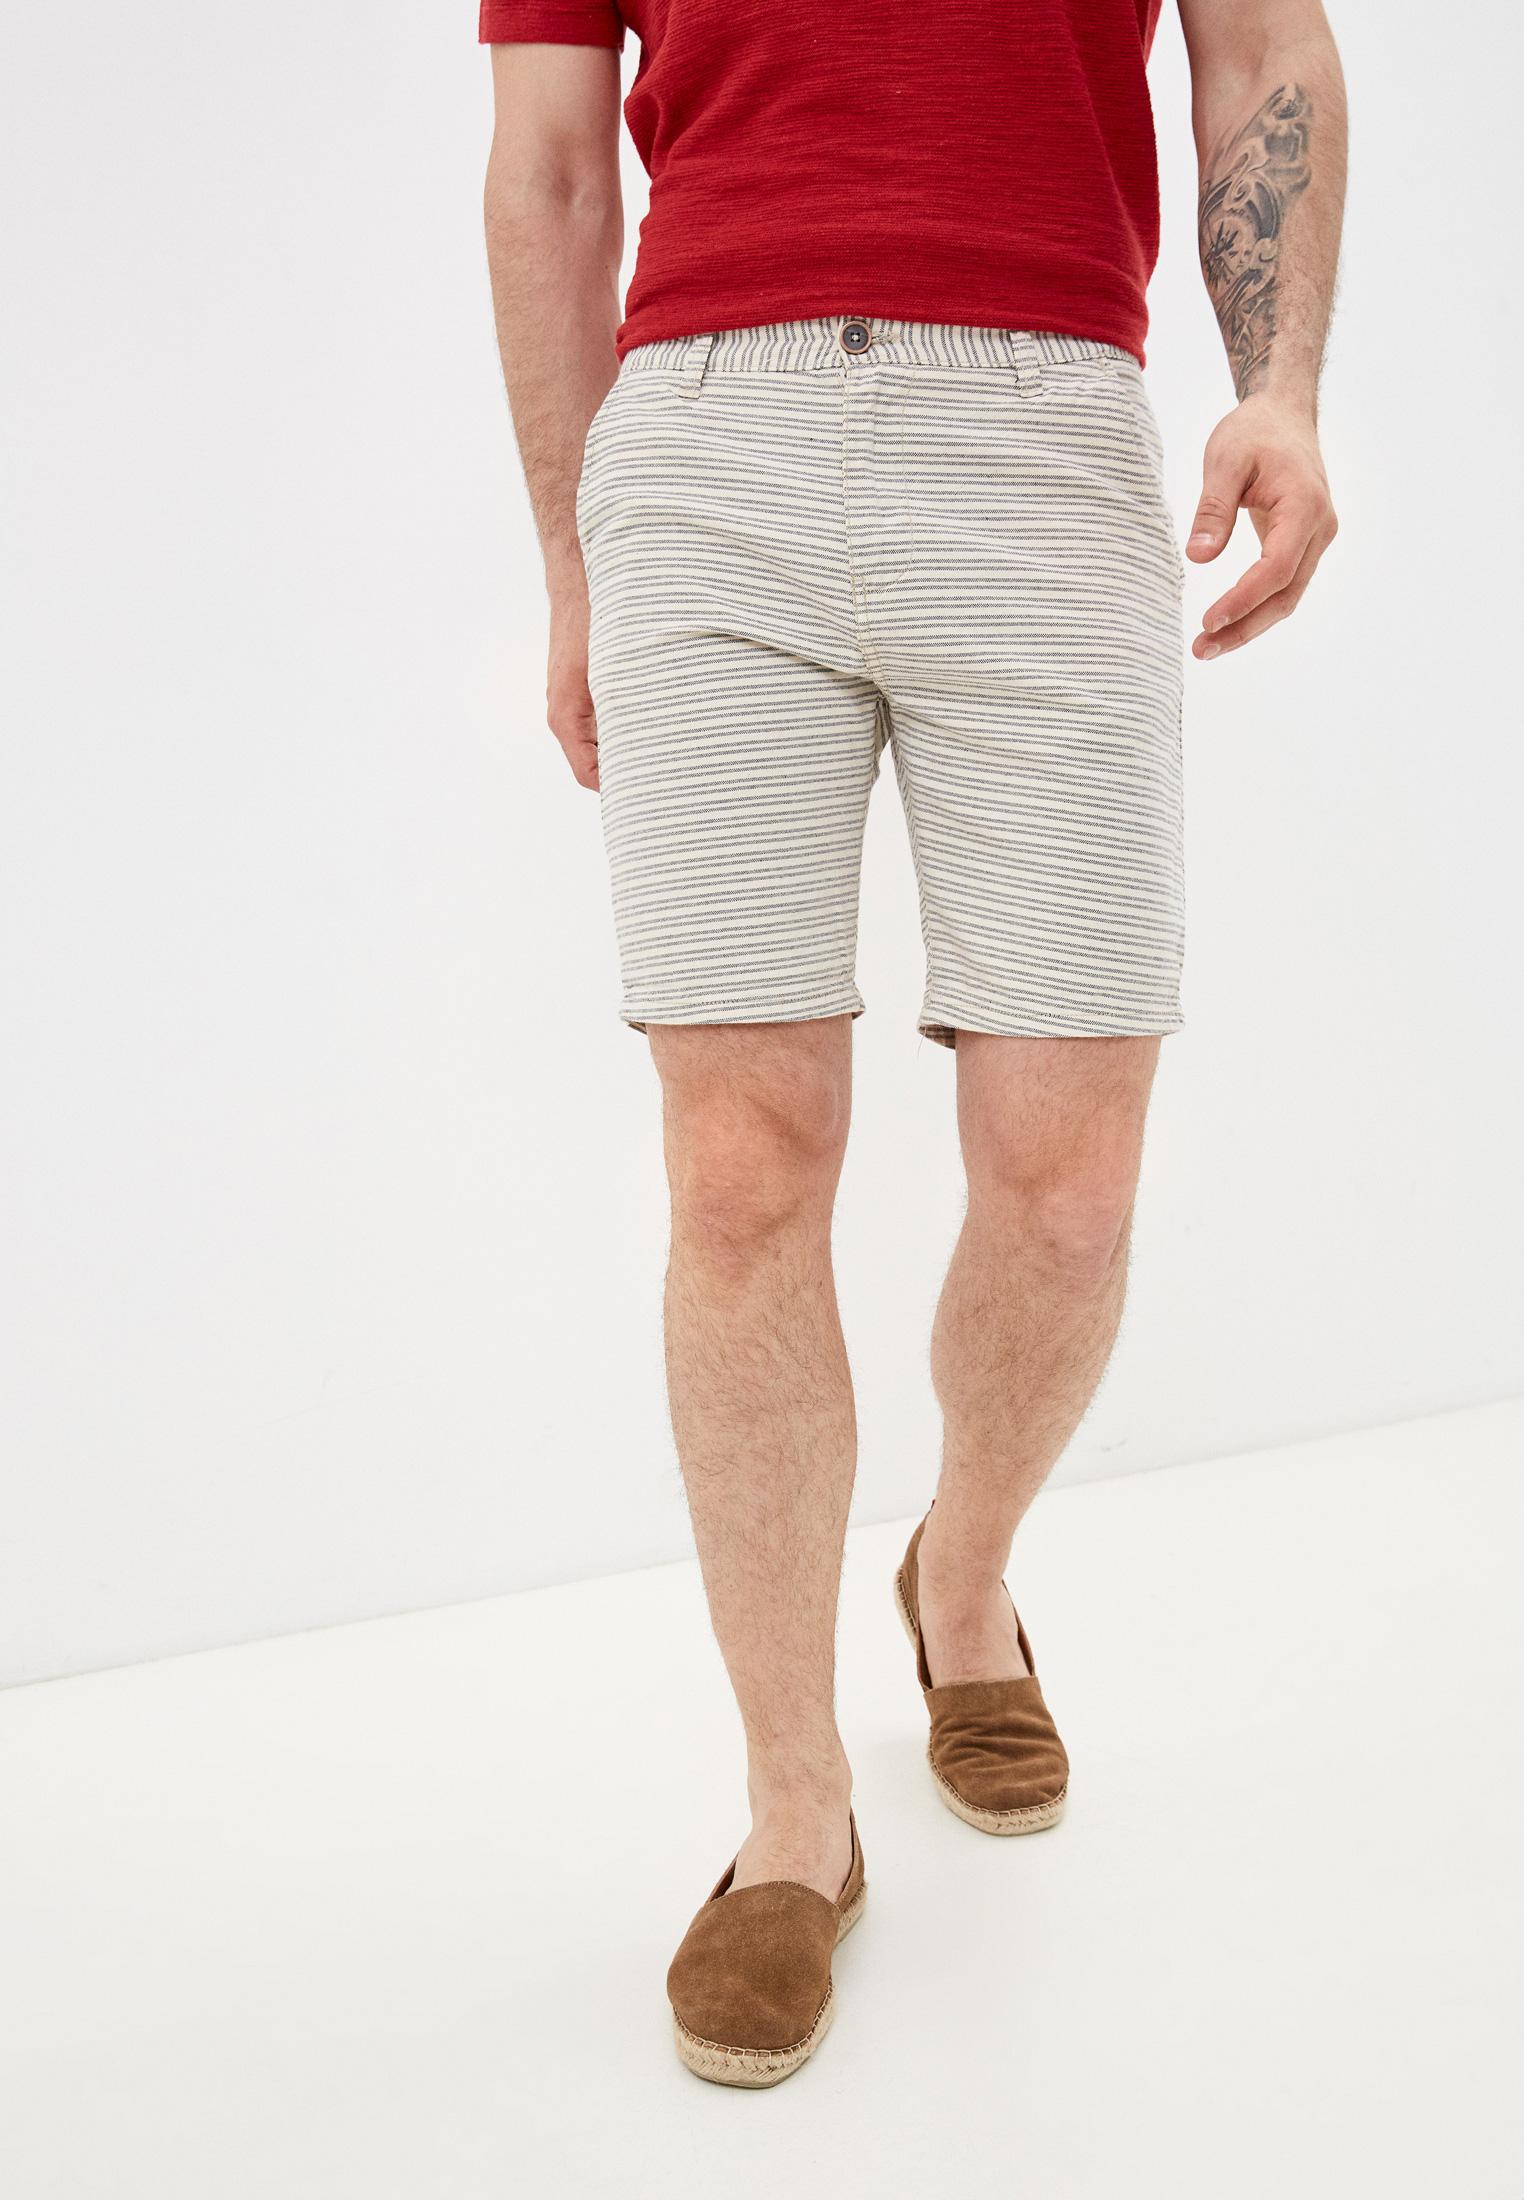 Мужские повседневные шорты Brave Soul Шорты Brave Soul